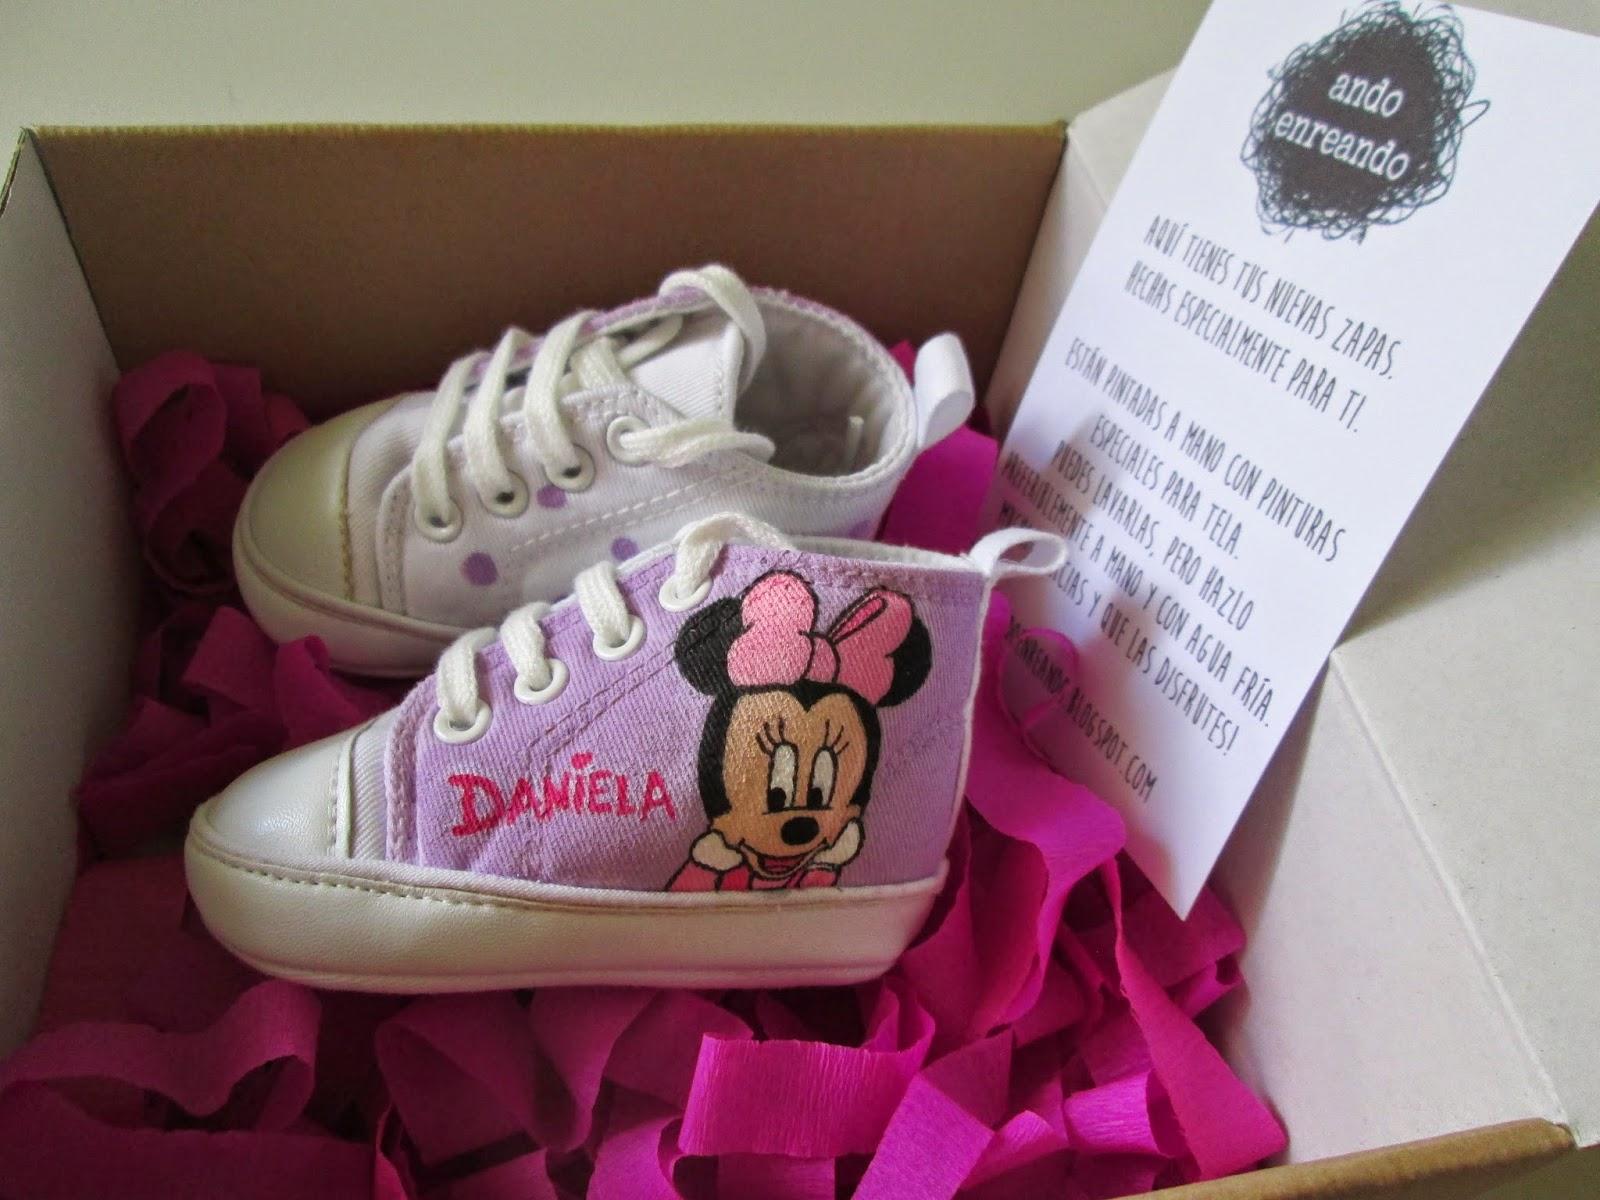 zapatillas bebe personalizadas